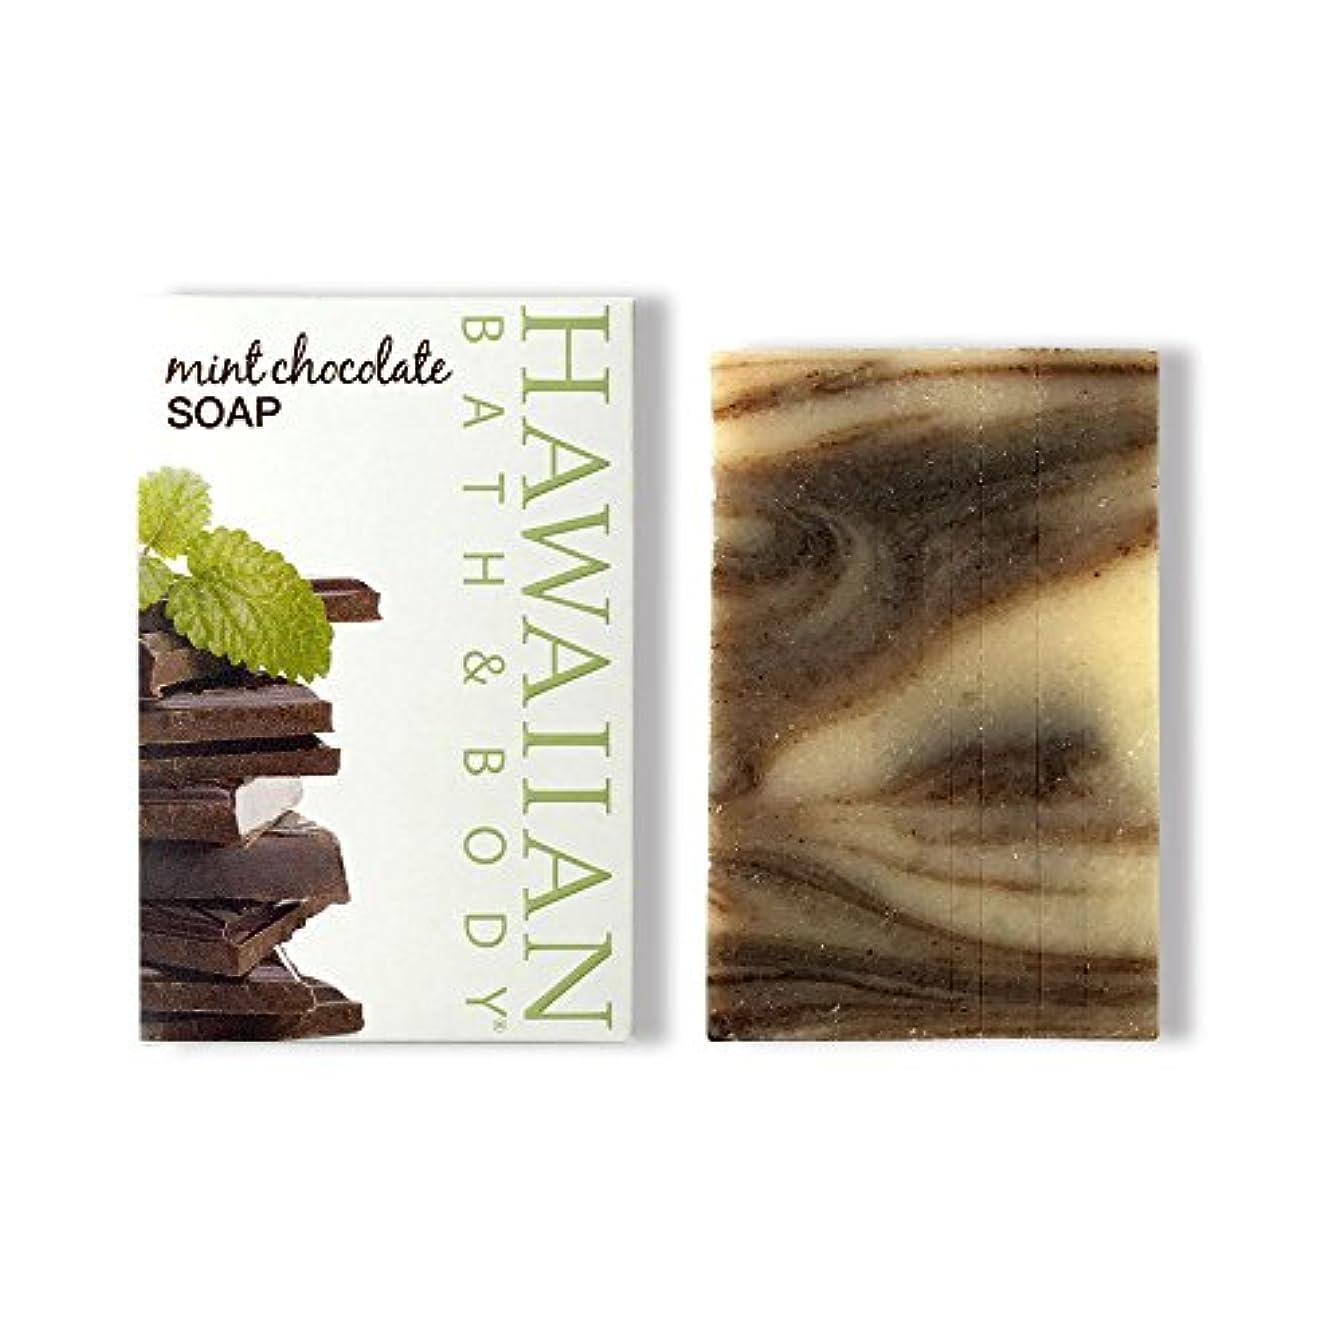 歯嵐の確かにハワイアンバス&ボディ ハワイアン?ミントチョコレートソープ ( Hawaii Mint Chocolate Soap )